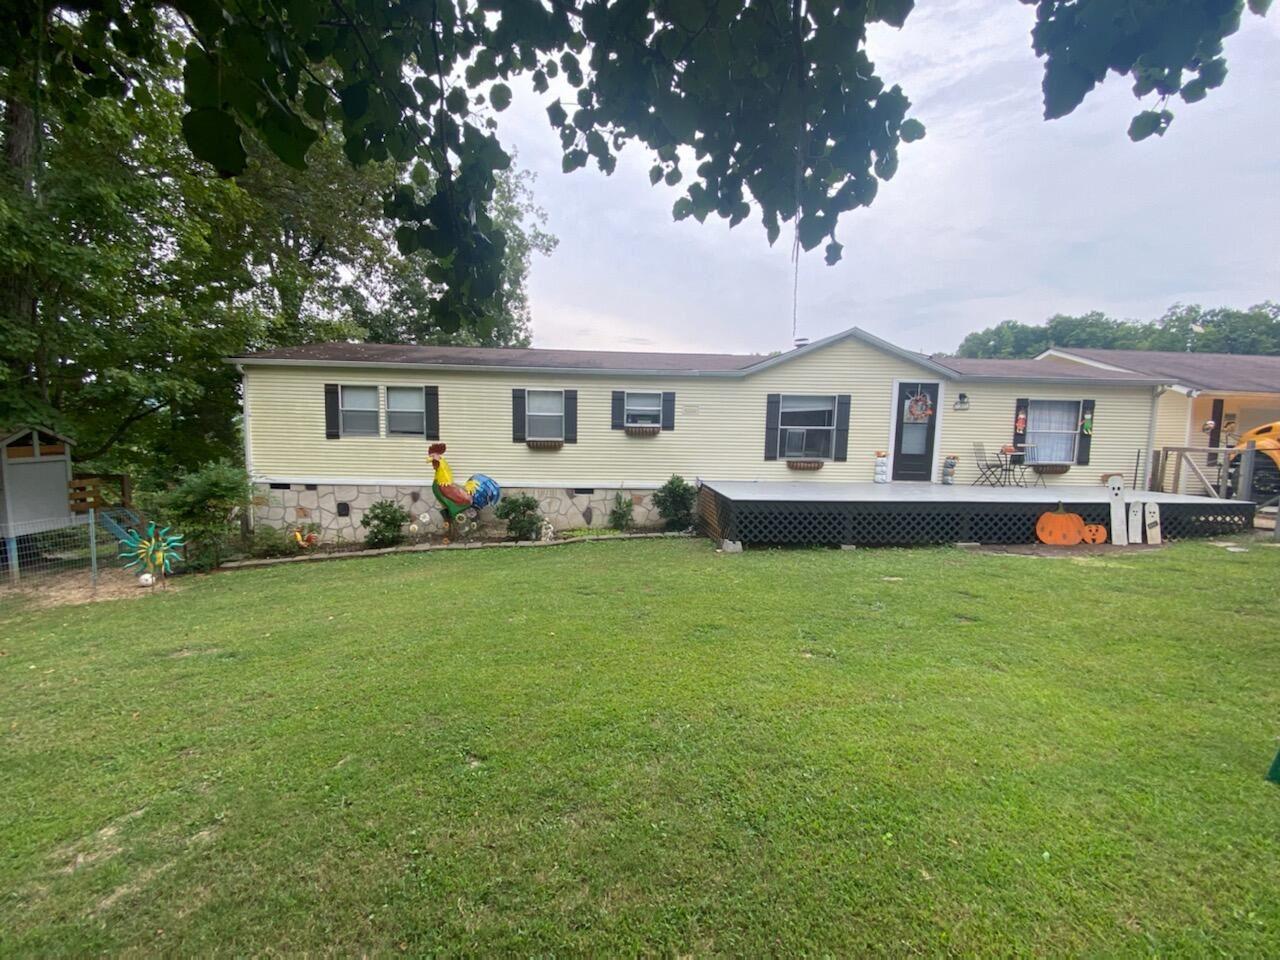 Photo of 135 Burkhart Rd, Maynardville, TN 37807 (MLS # 1167658)